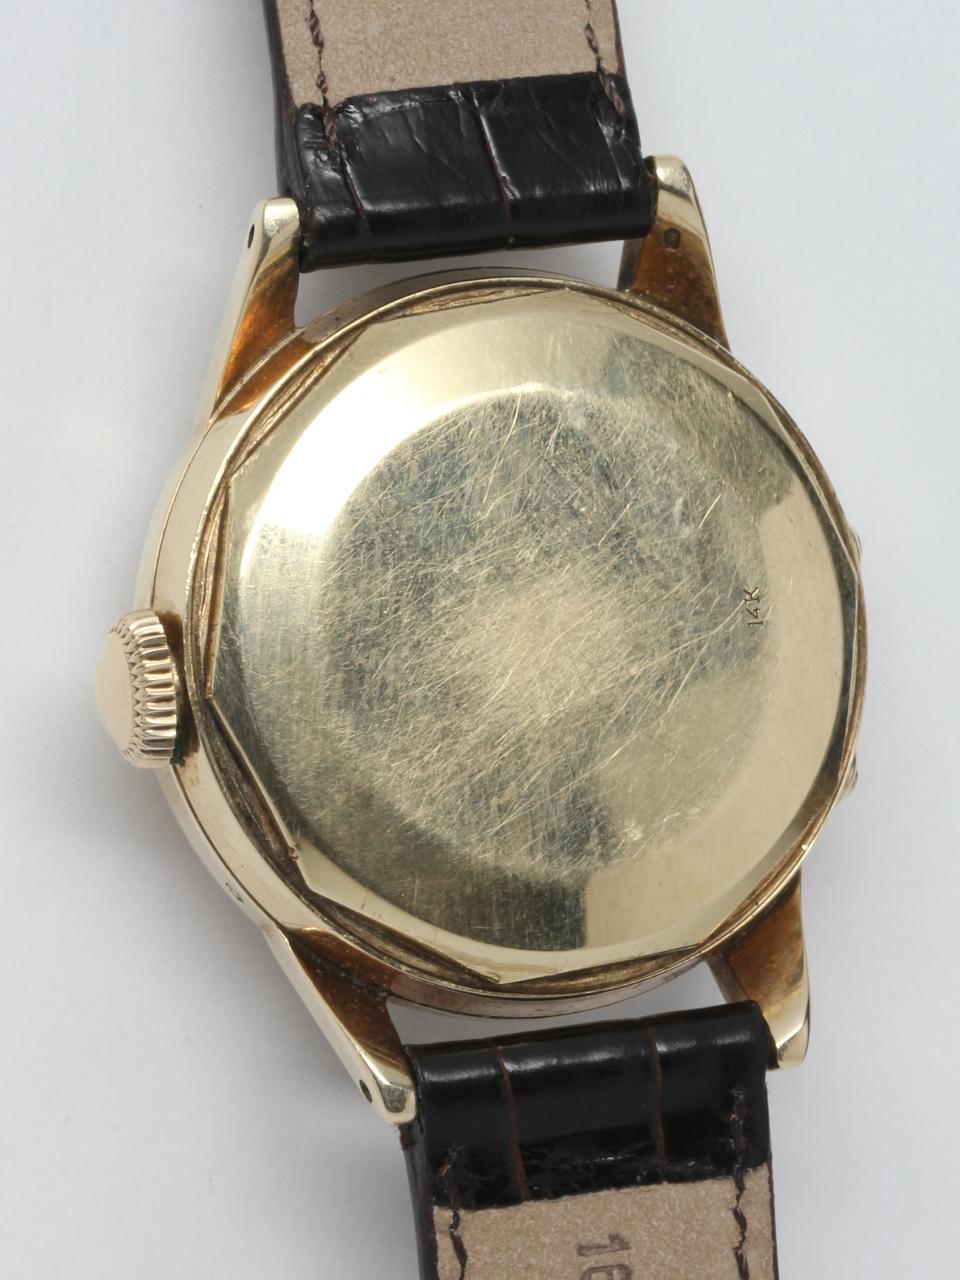 Movado 14K YG Calendomatic circa 1950's